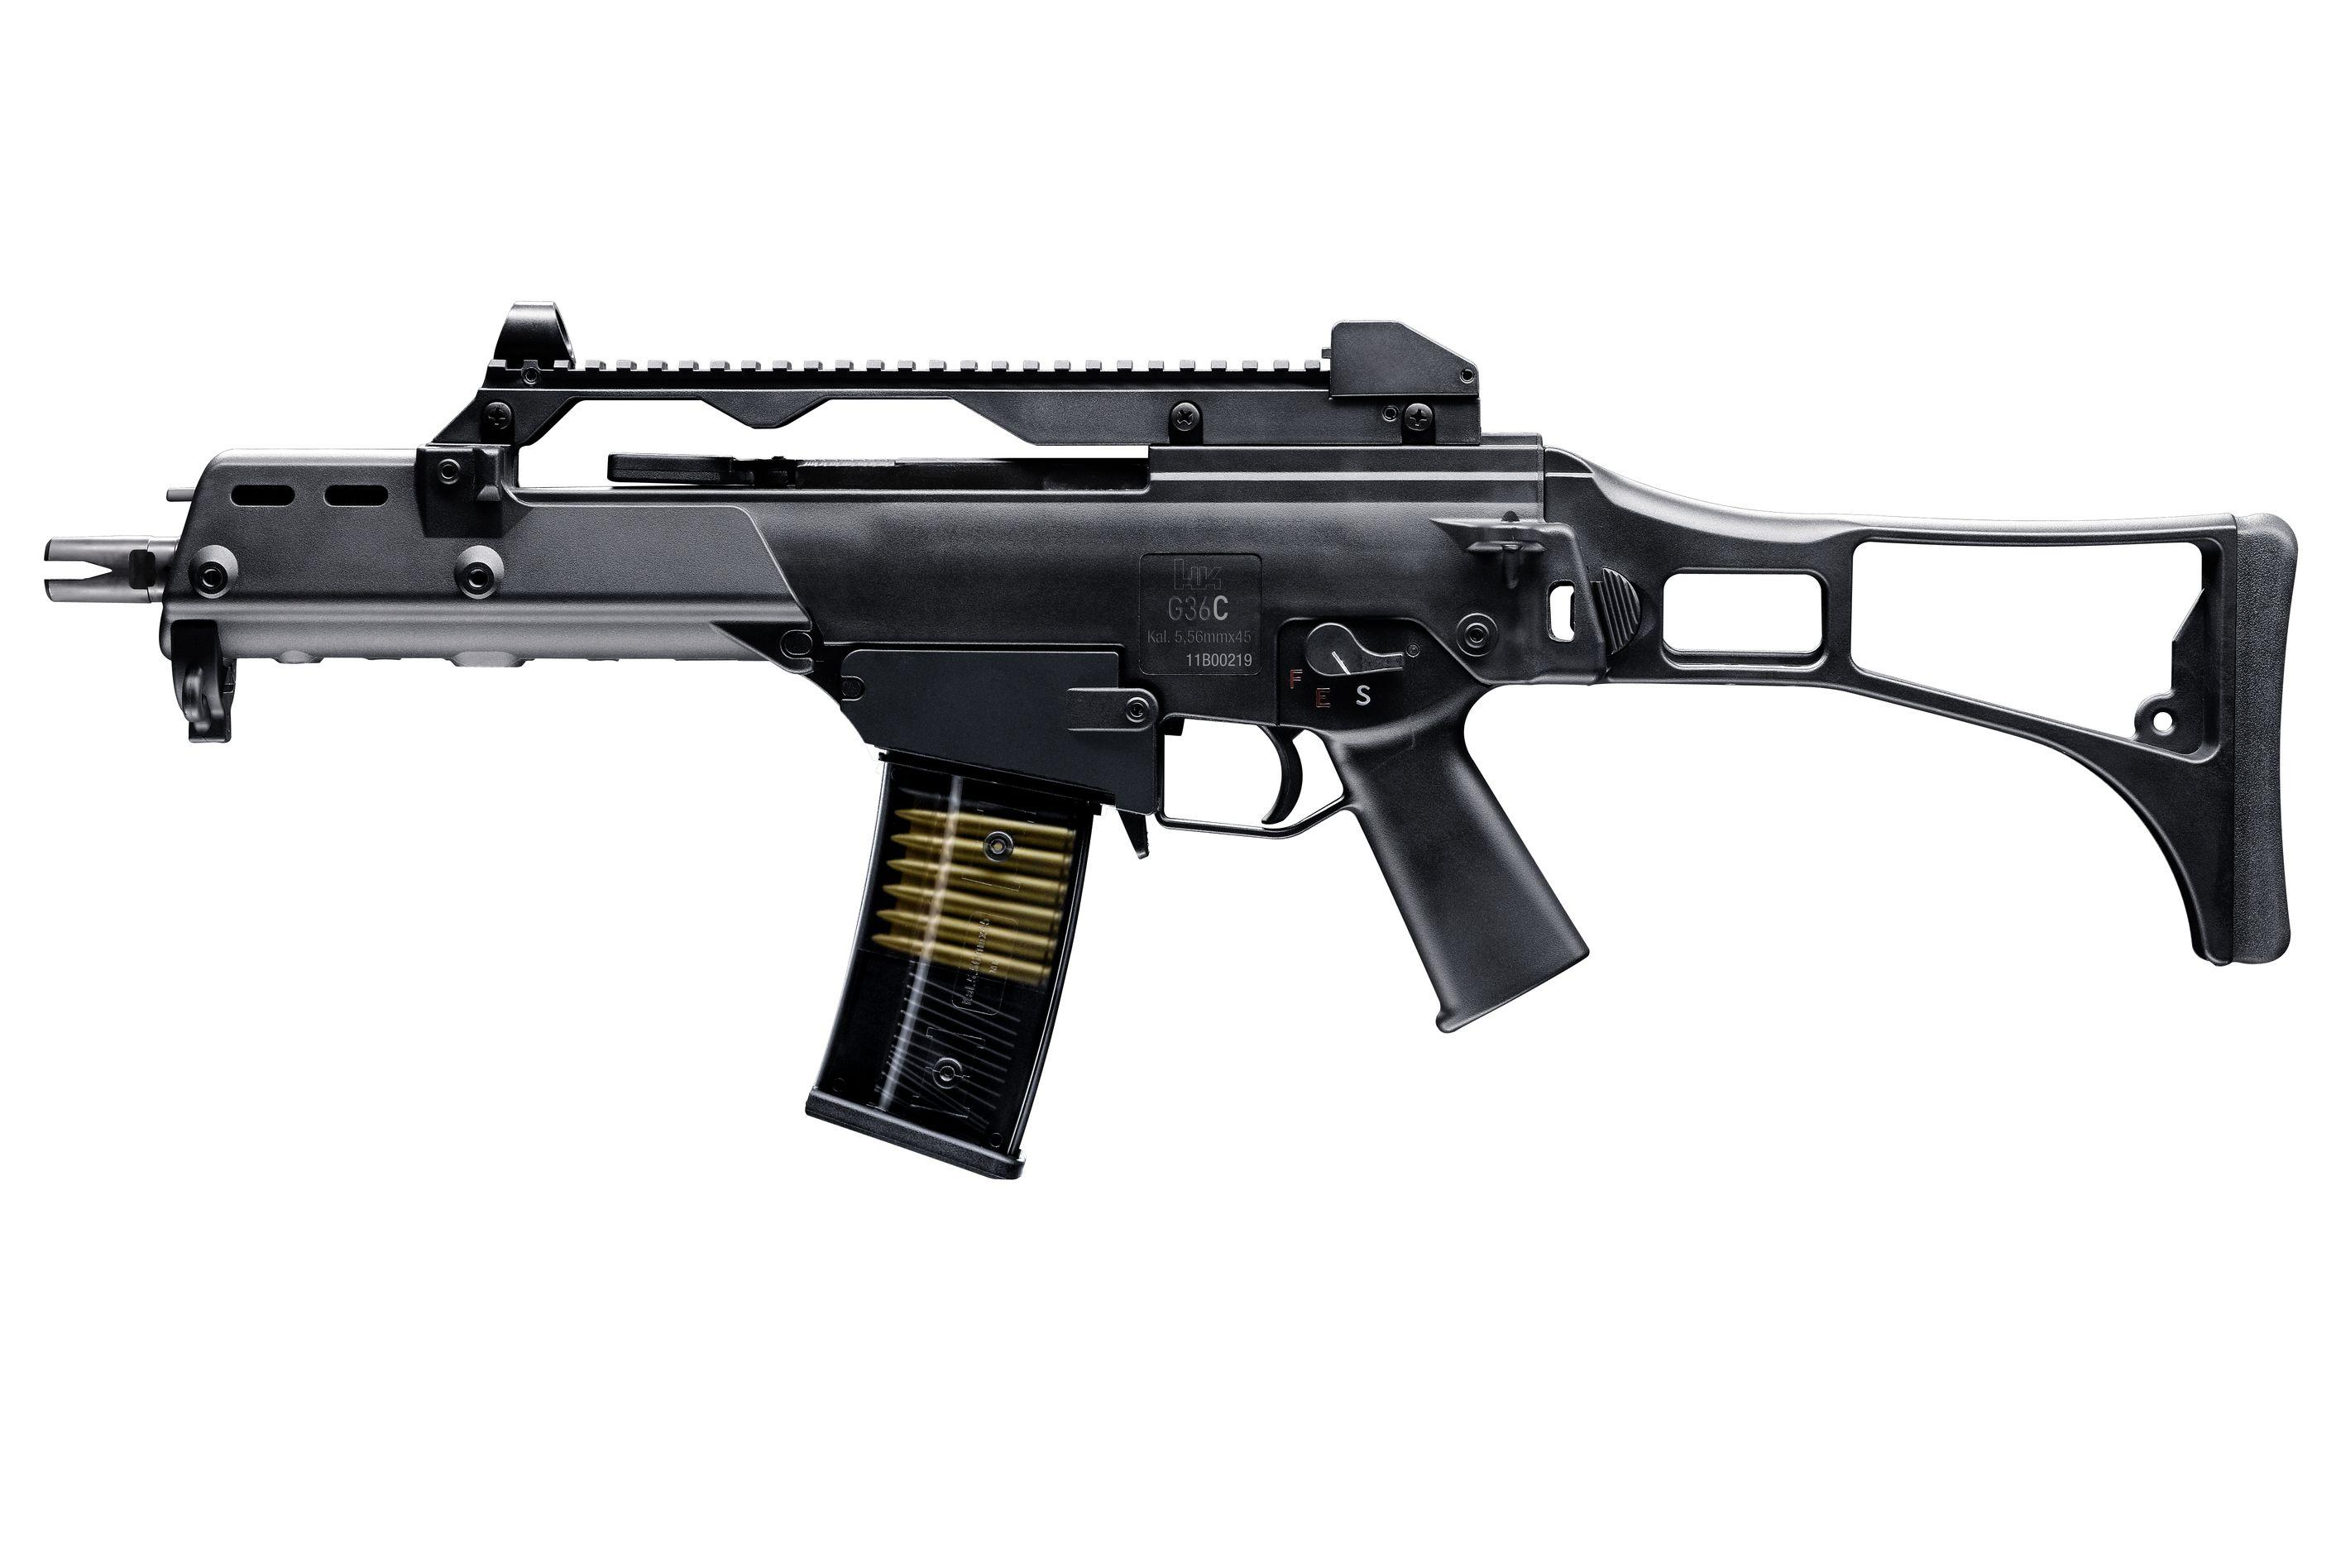 Amann Waffen Airsoft Heckler Amp Koch G36 C Airsoft Gas